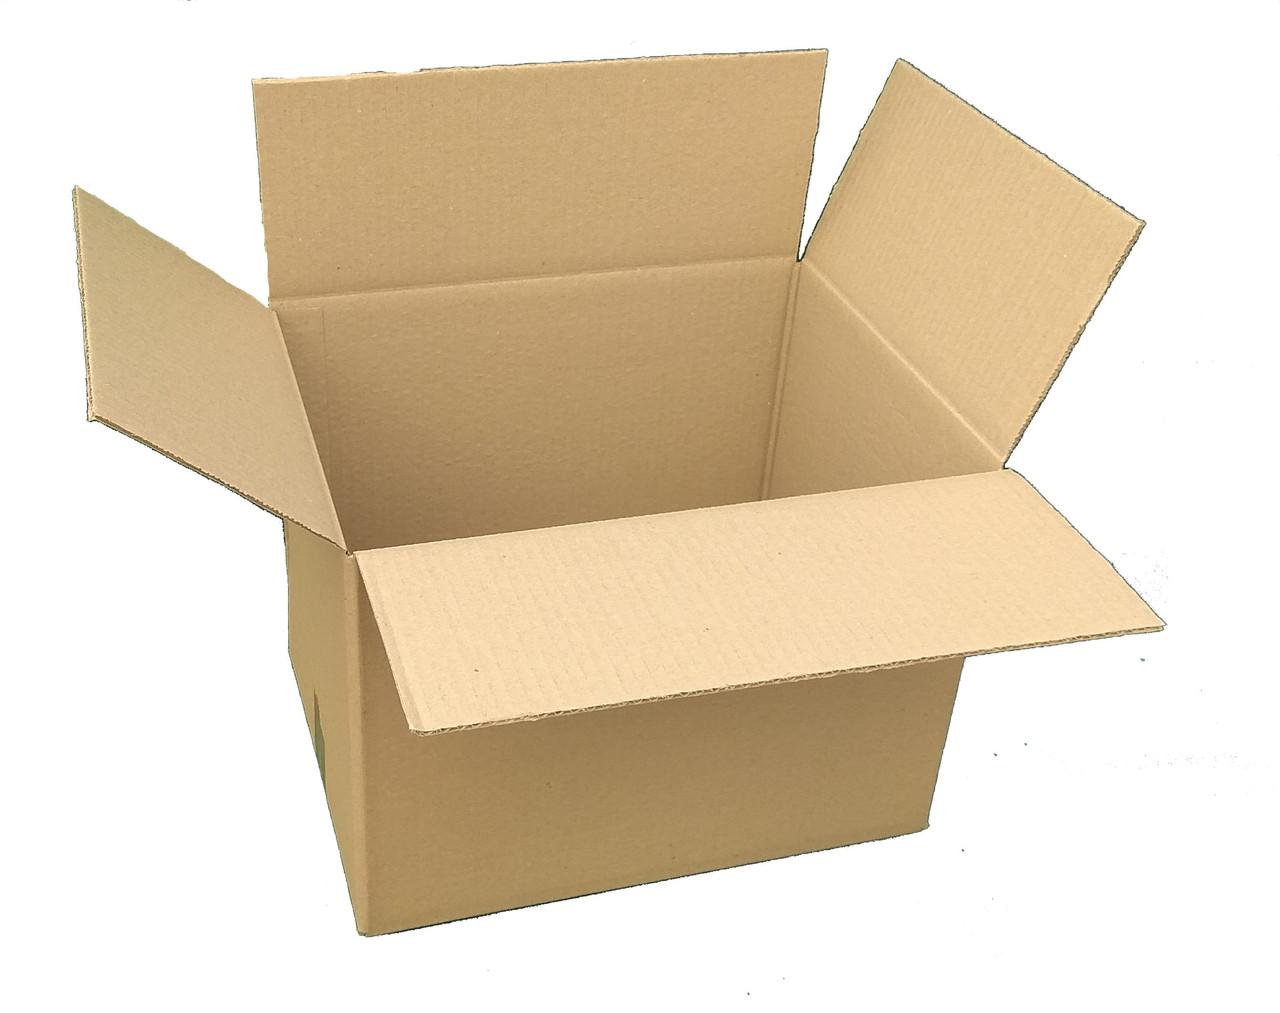 Картонная коробка вместимостью до 3 кг фактического или объемного веса 240*240*210